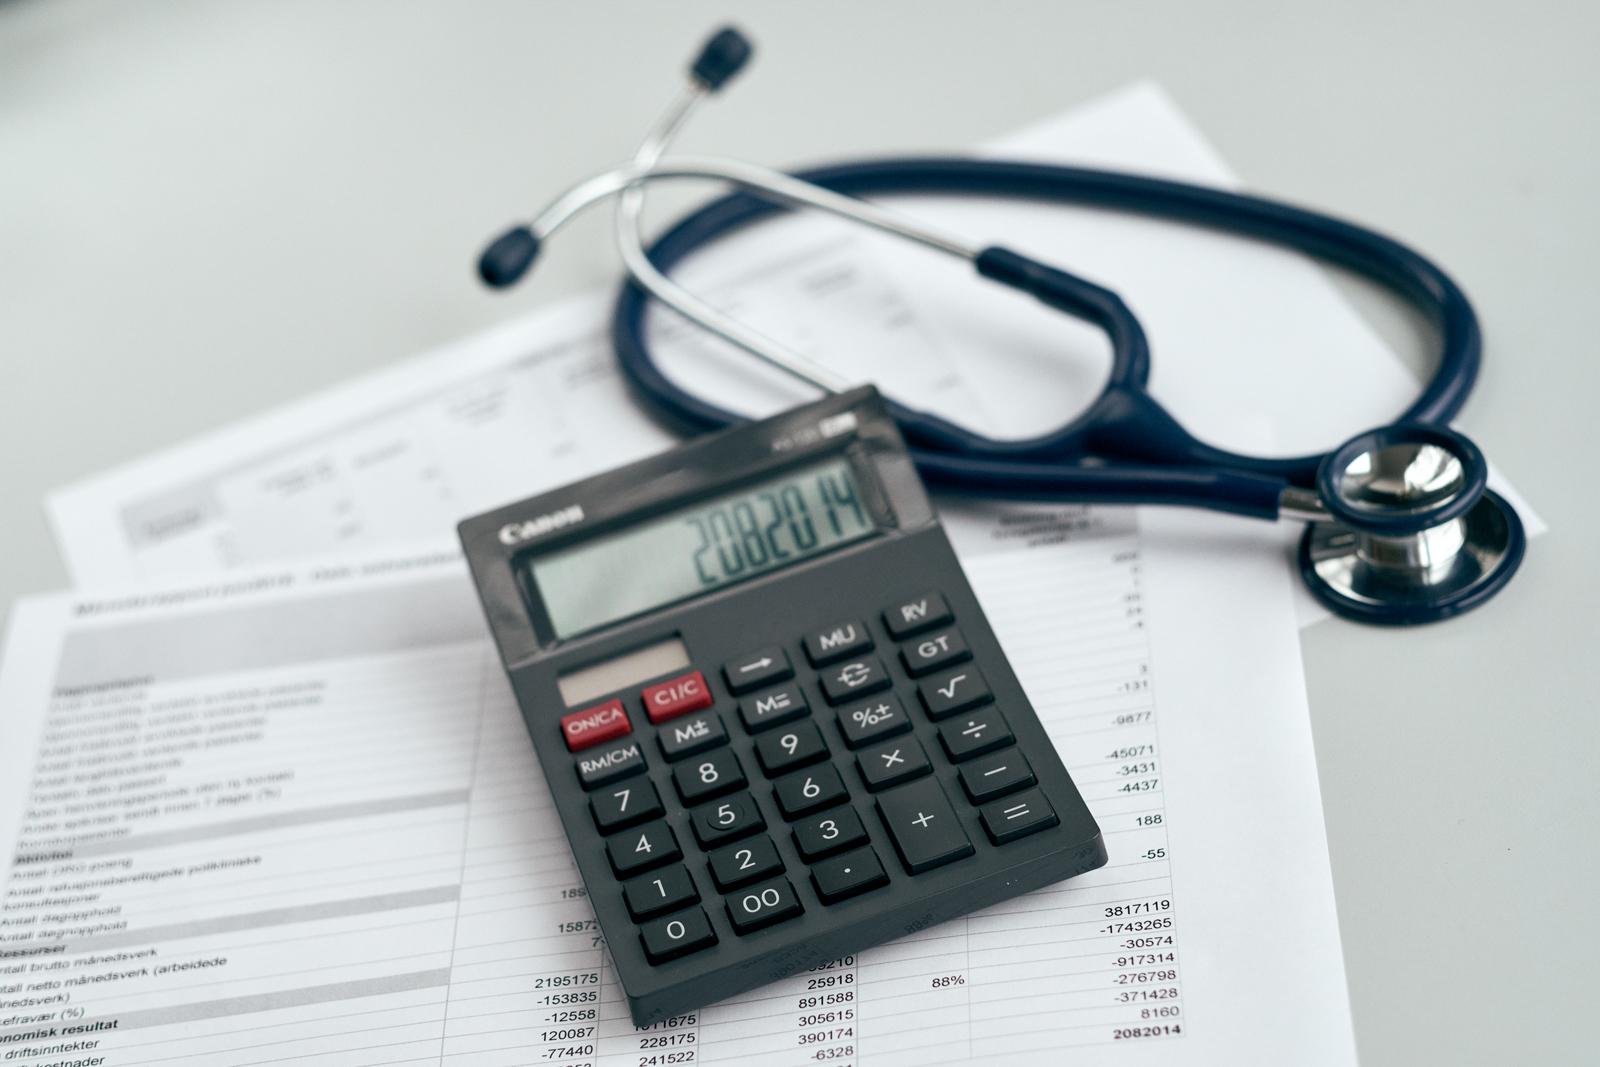 Bilde av kalkulator, stetoskp og regneark.